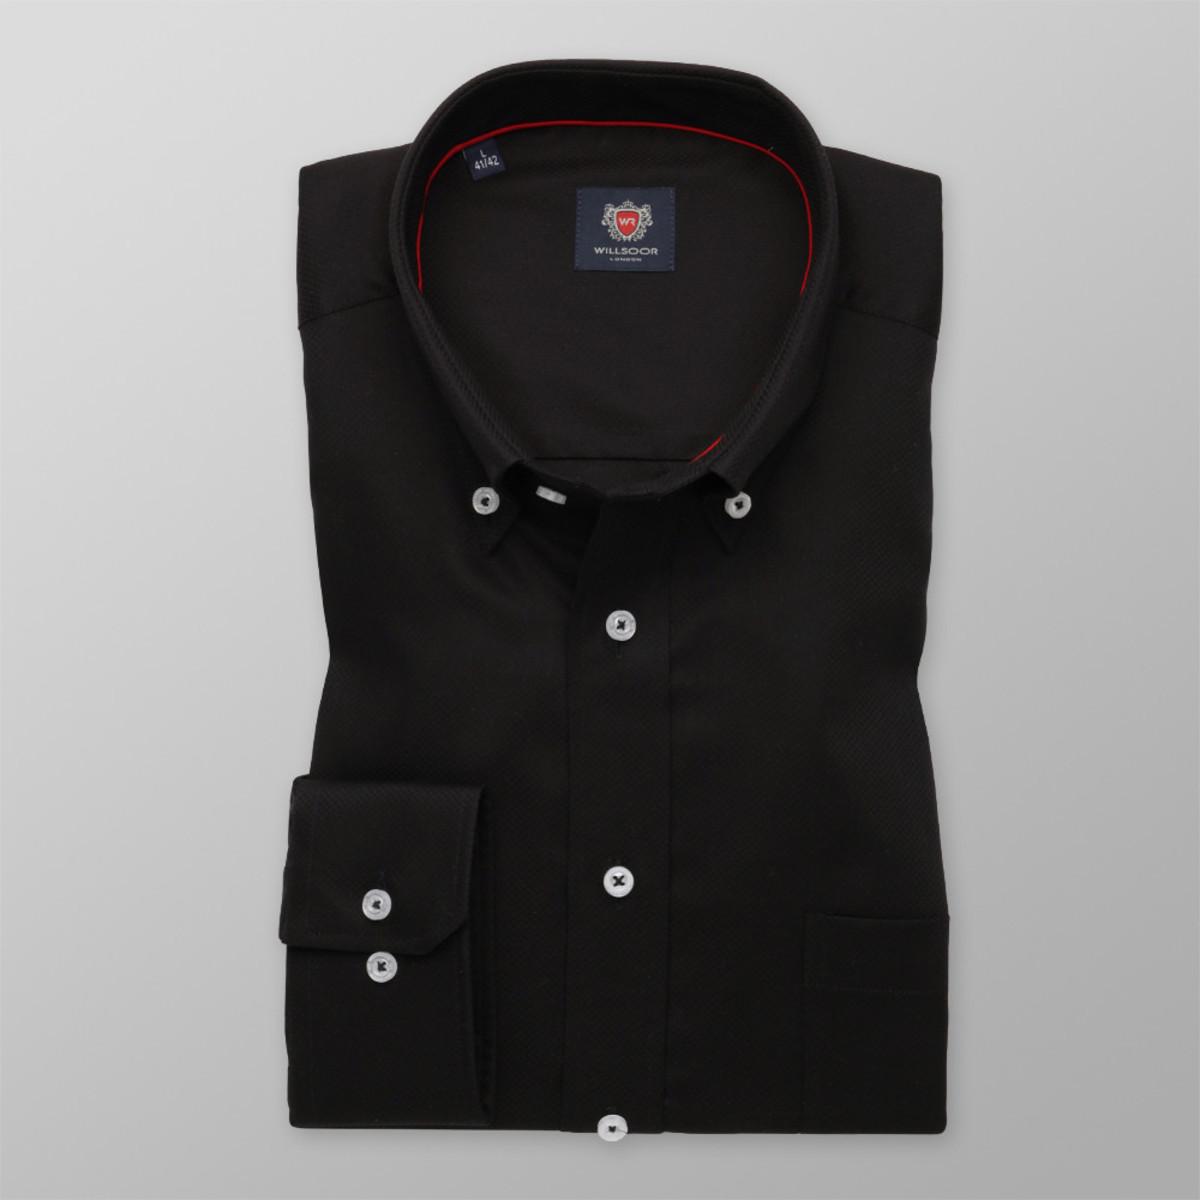 Košile London černá (výška 176-182) 9883 176-182 / L (41/42)